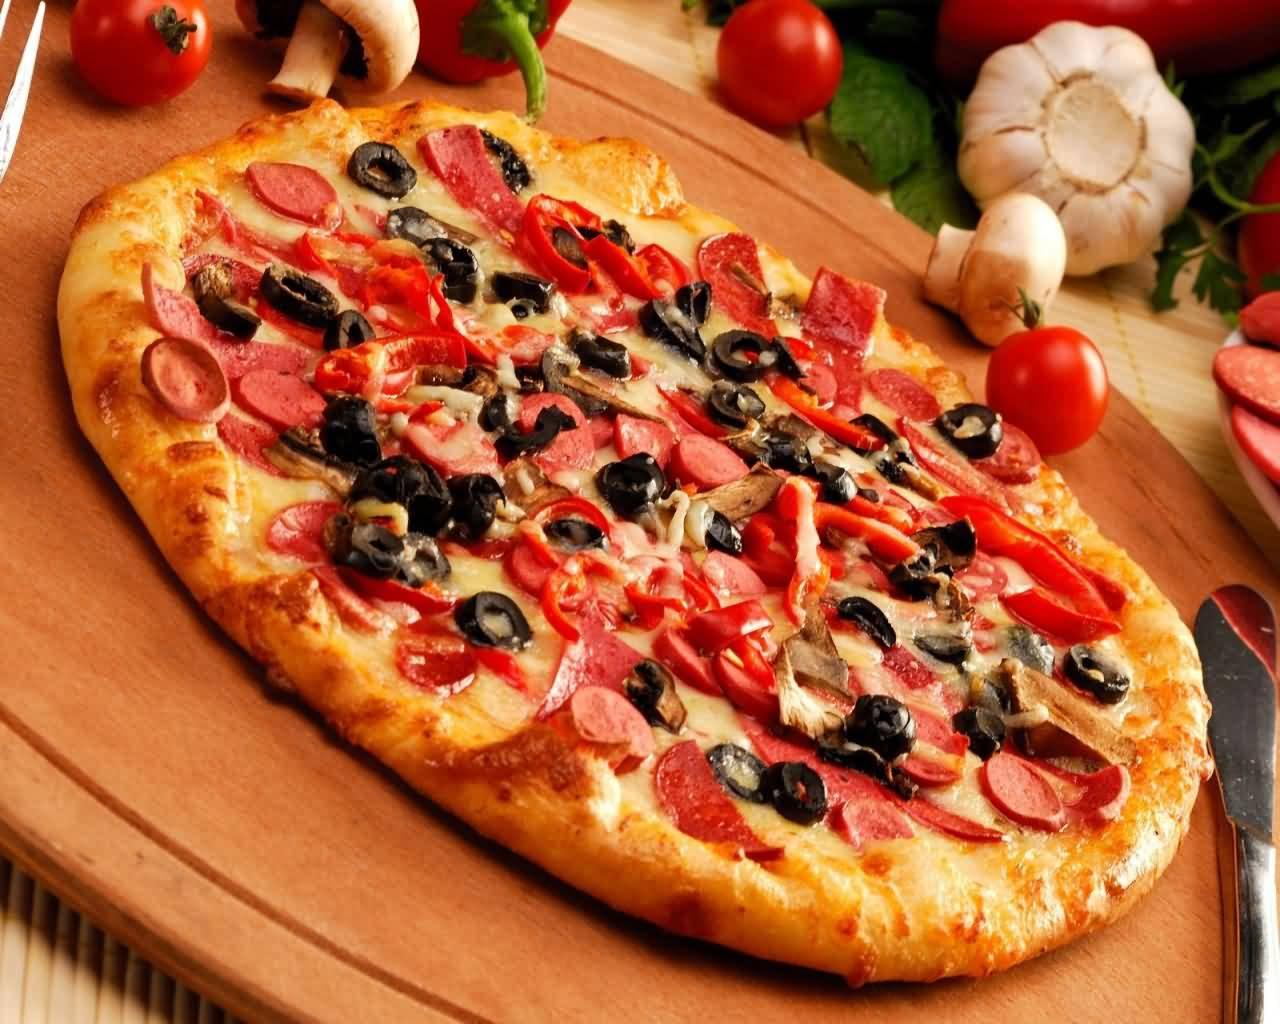 Места, где предлагают самую вкусную пиццу